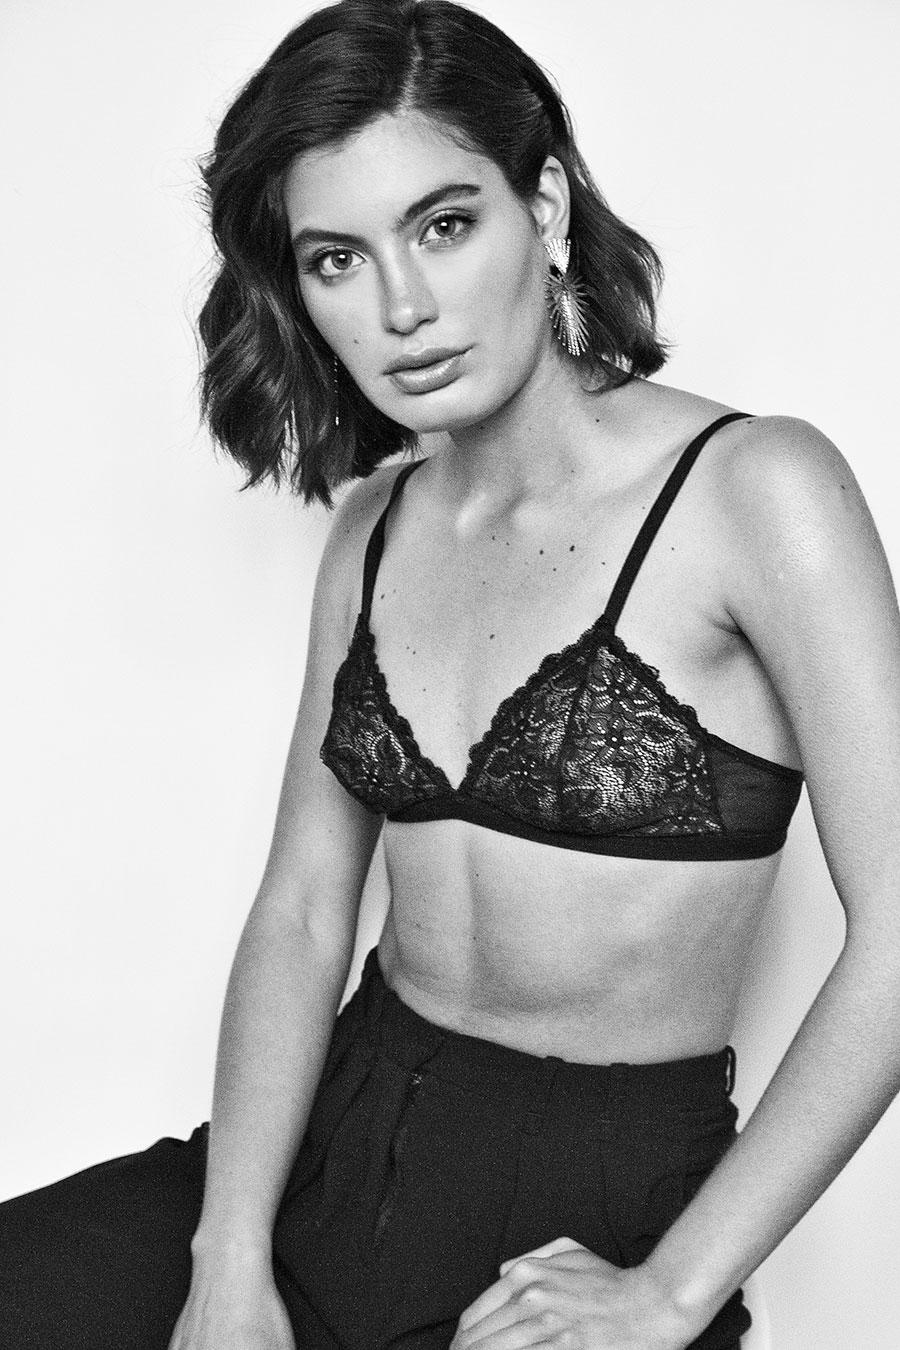 Modelo Camila Mancini por Yas Amado